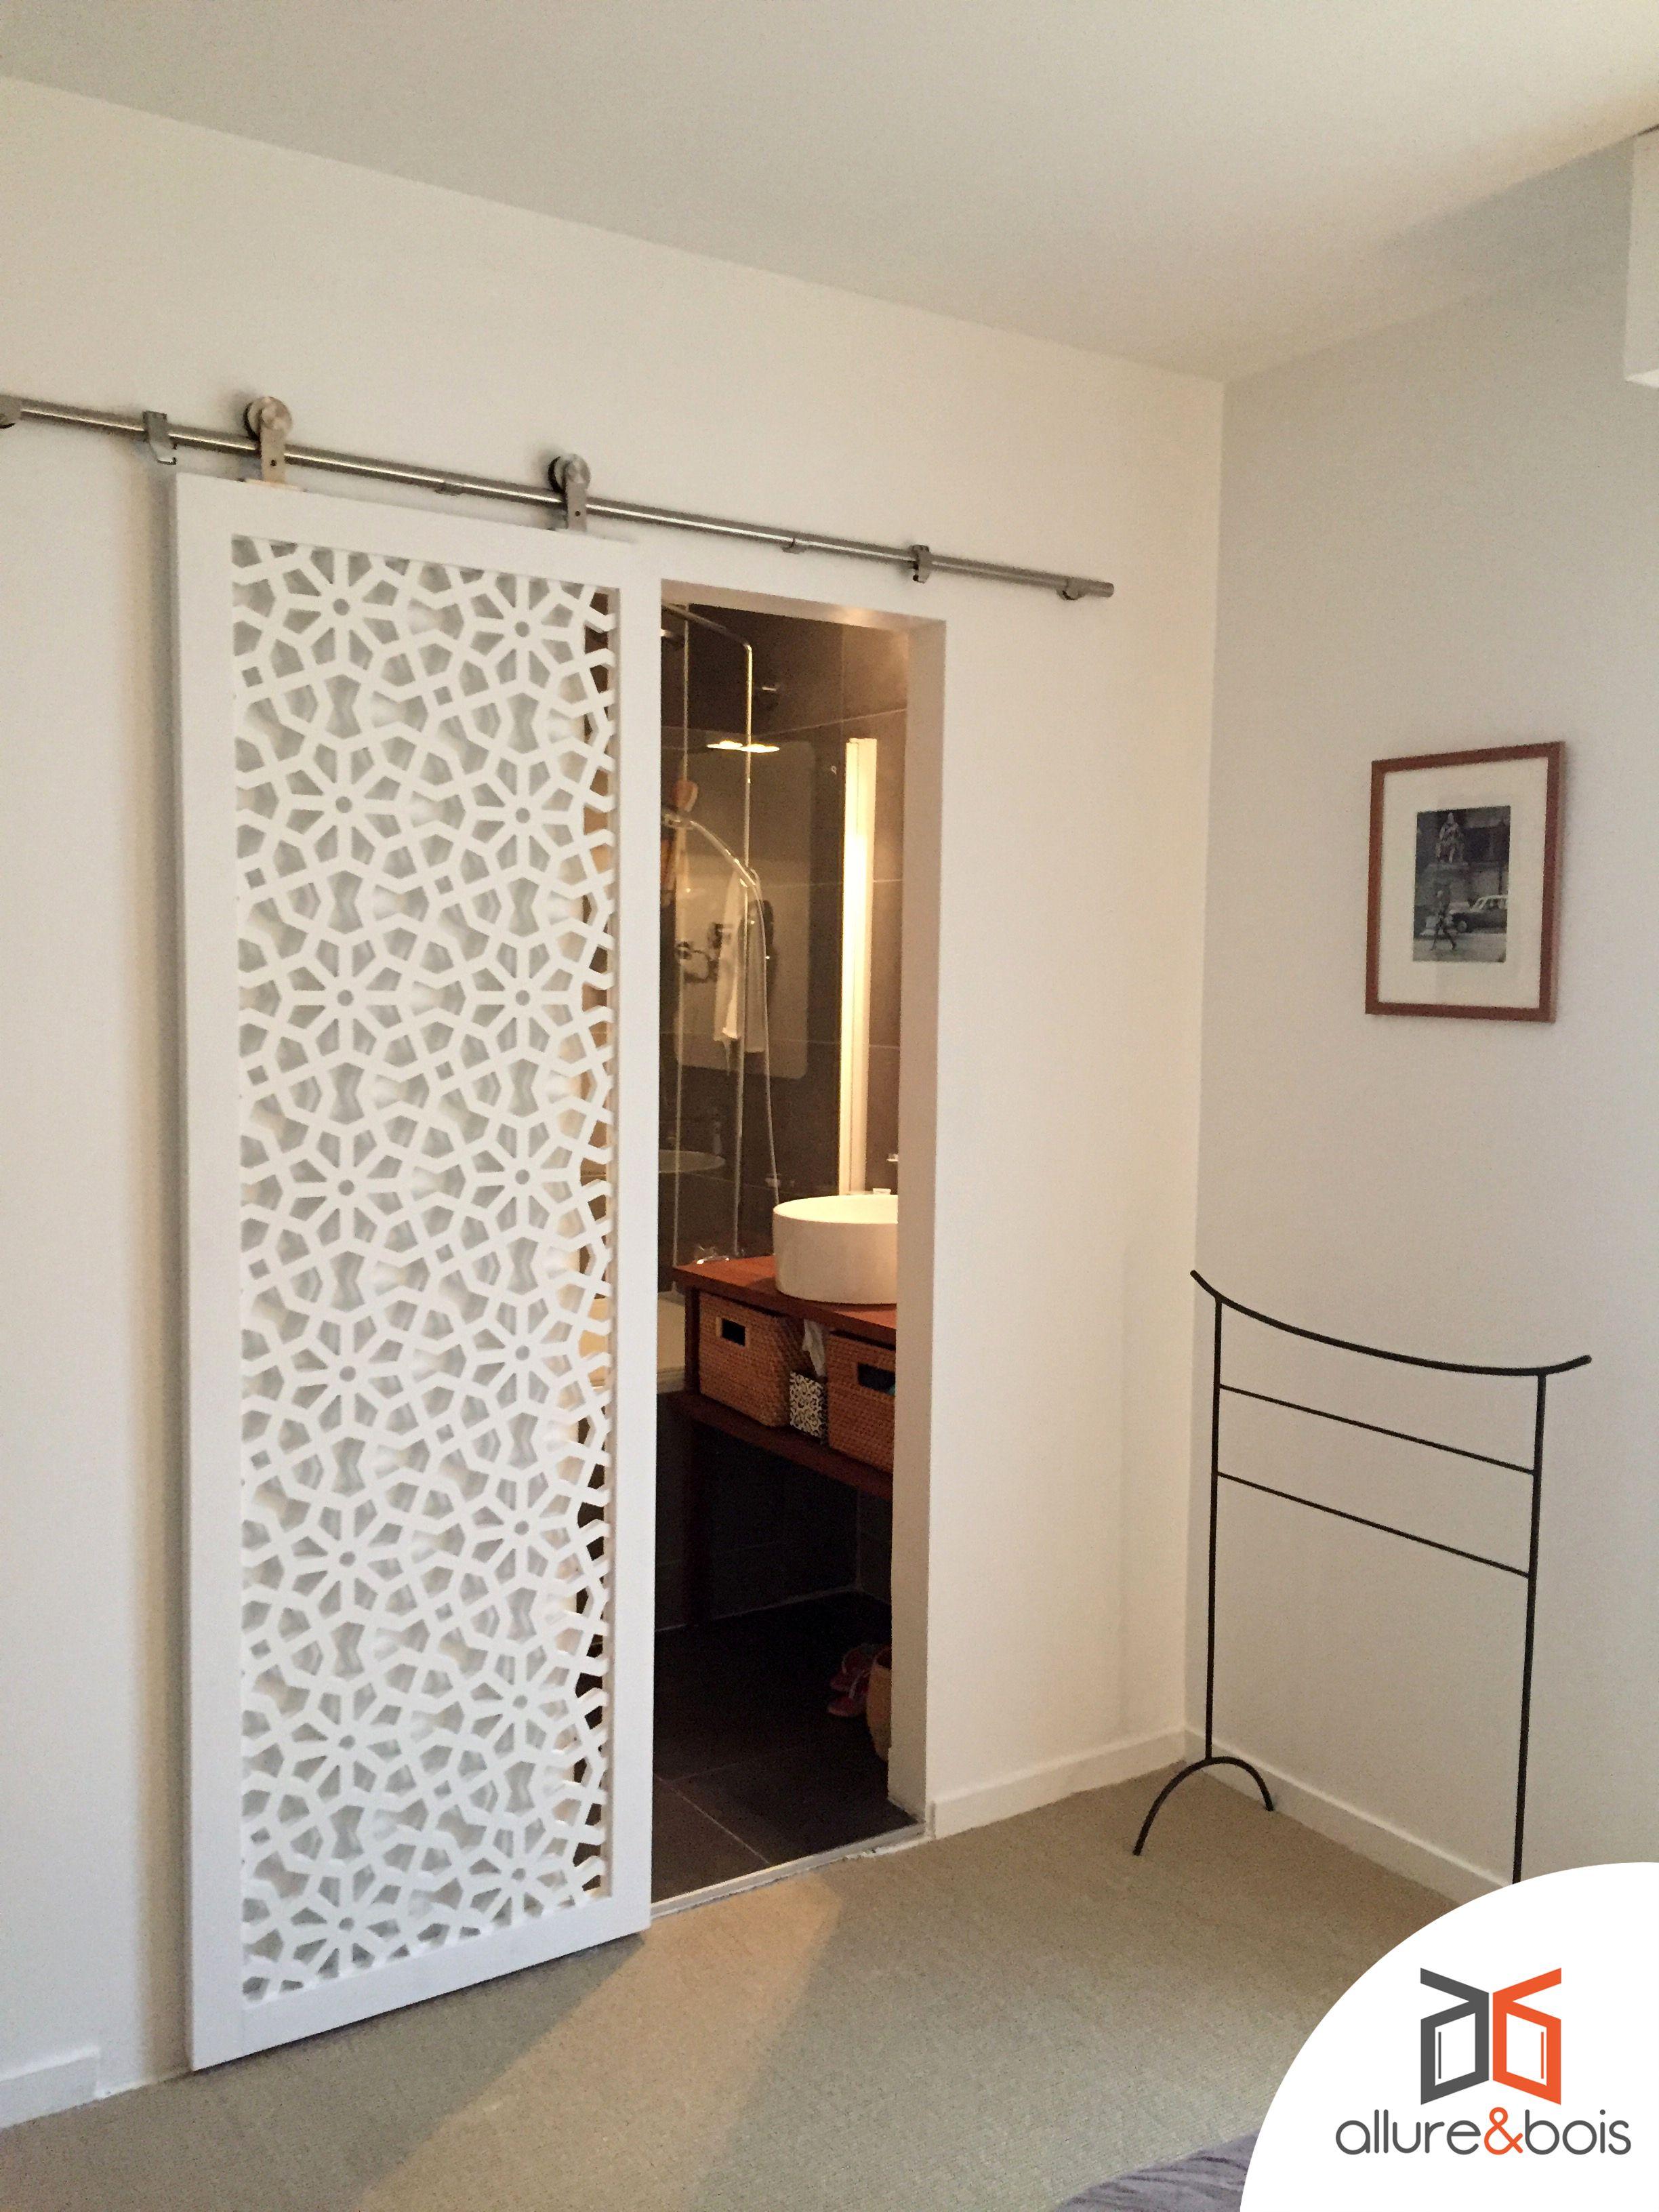 Claustra Intérieur En Bois idées déco] des claustras dans la salle de bain | cocon